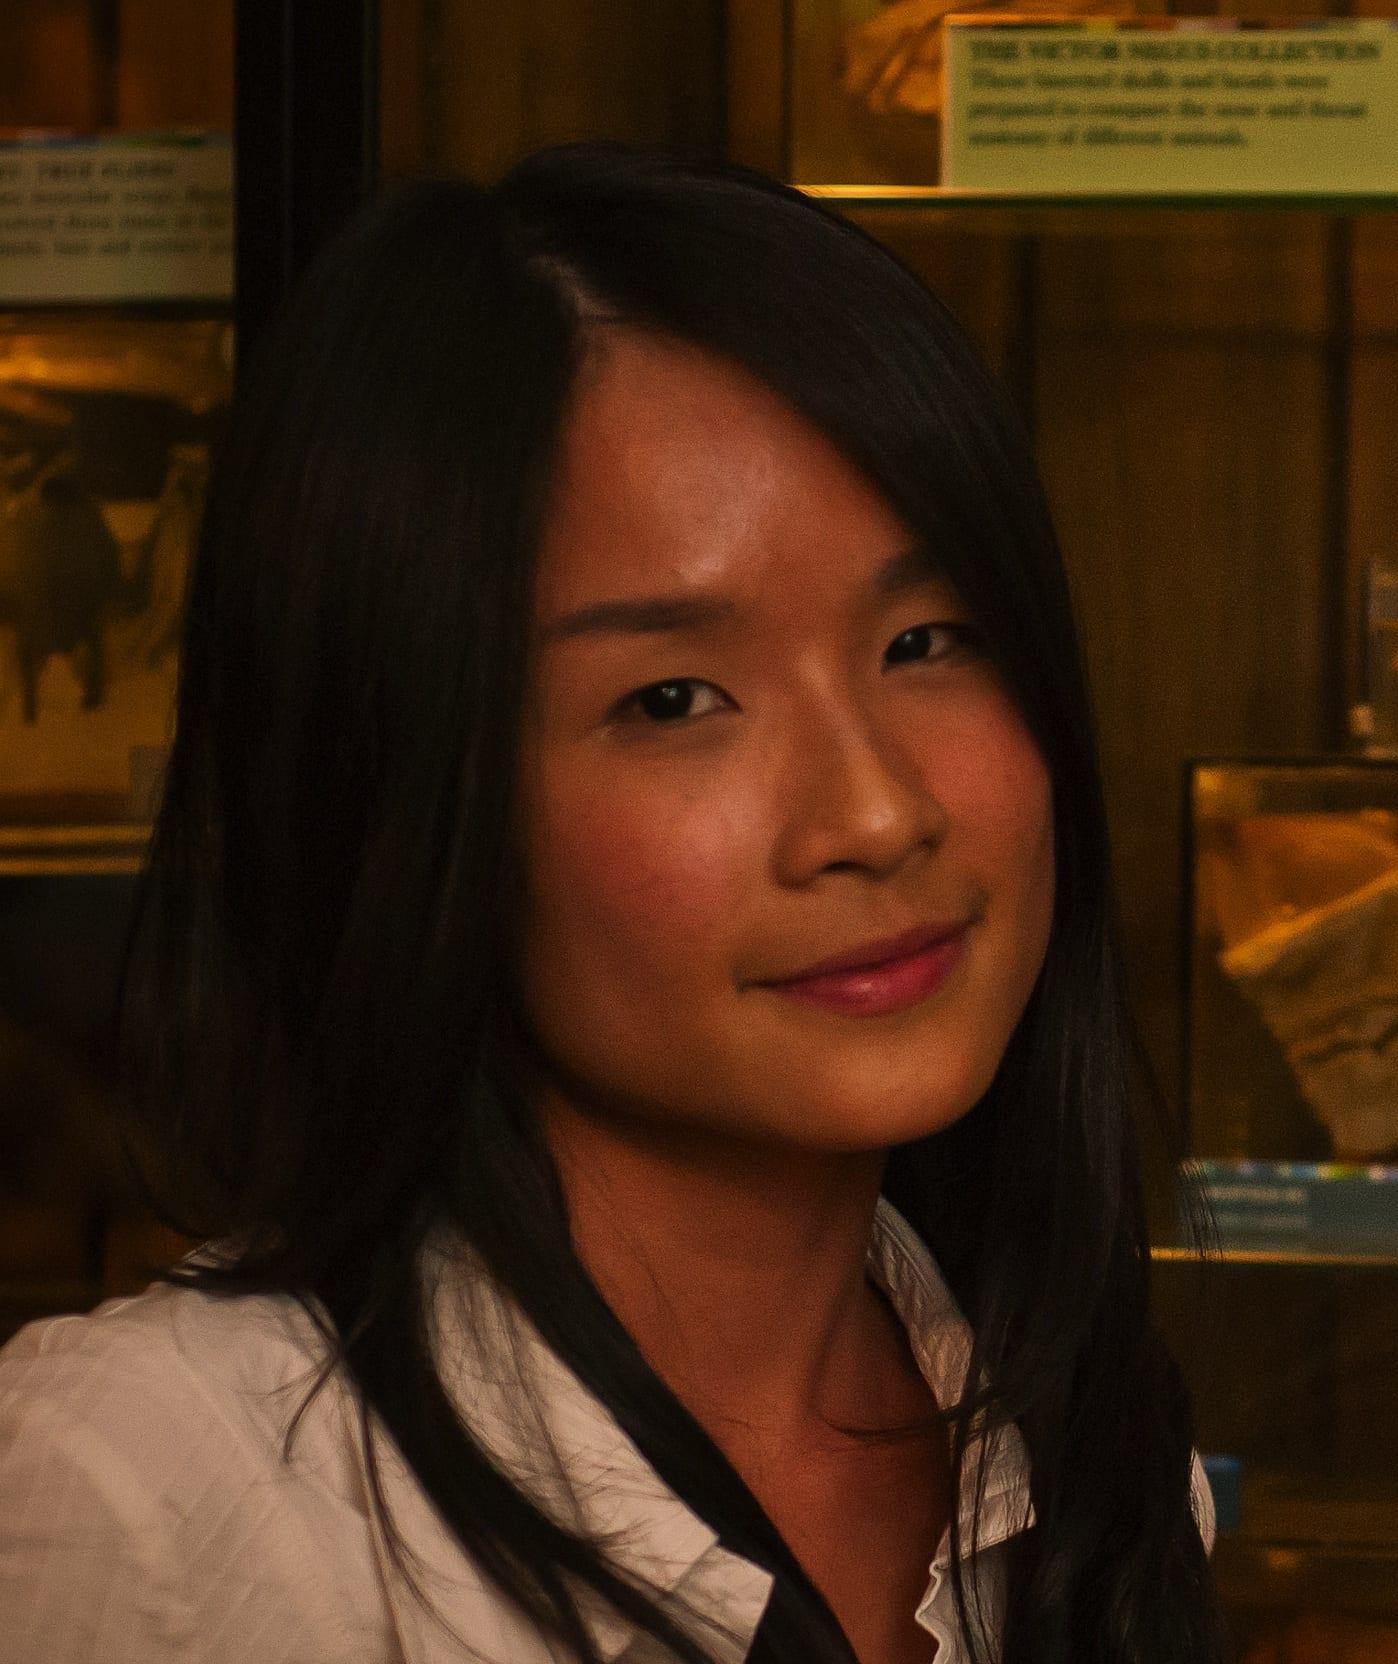 Tzu-i Liao